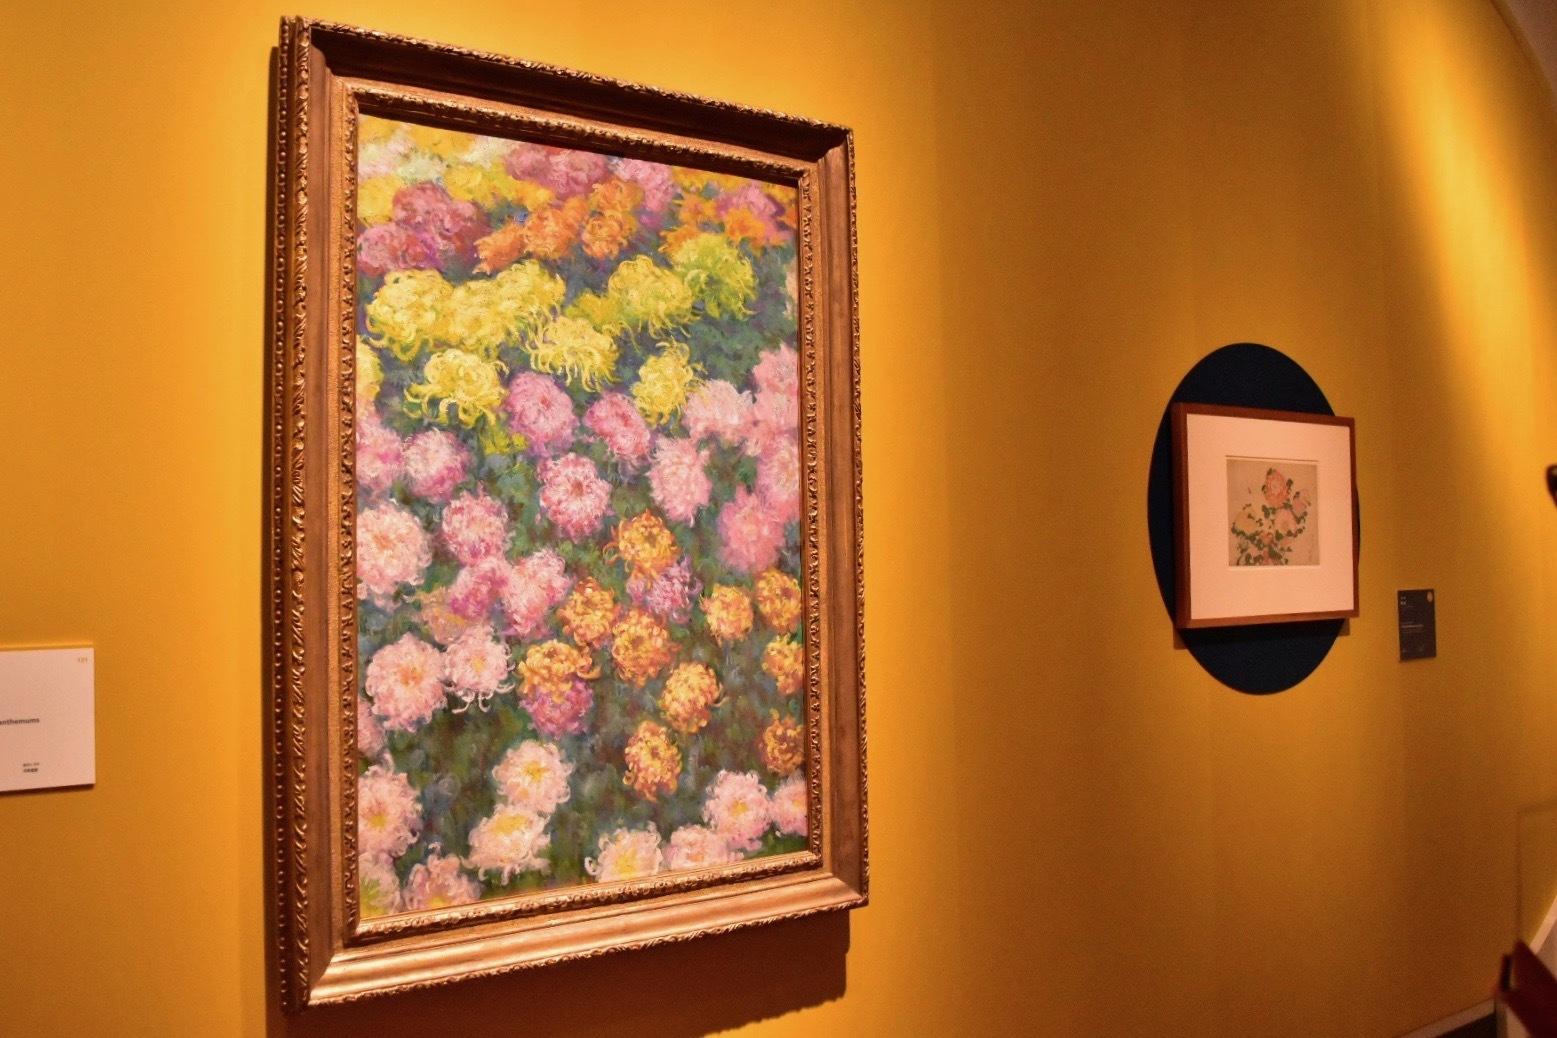 左:クロード・モネ《菊畑》1897年 個人蔵 右奥:葛飾北斎《菊に虹》1831-33(天保2-4)年頃 シカゴ美術館